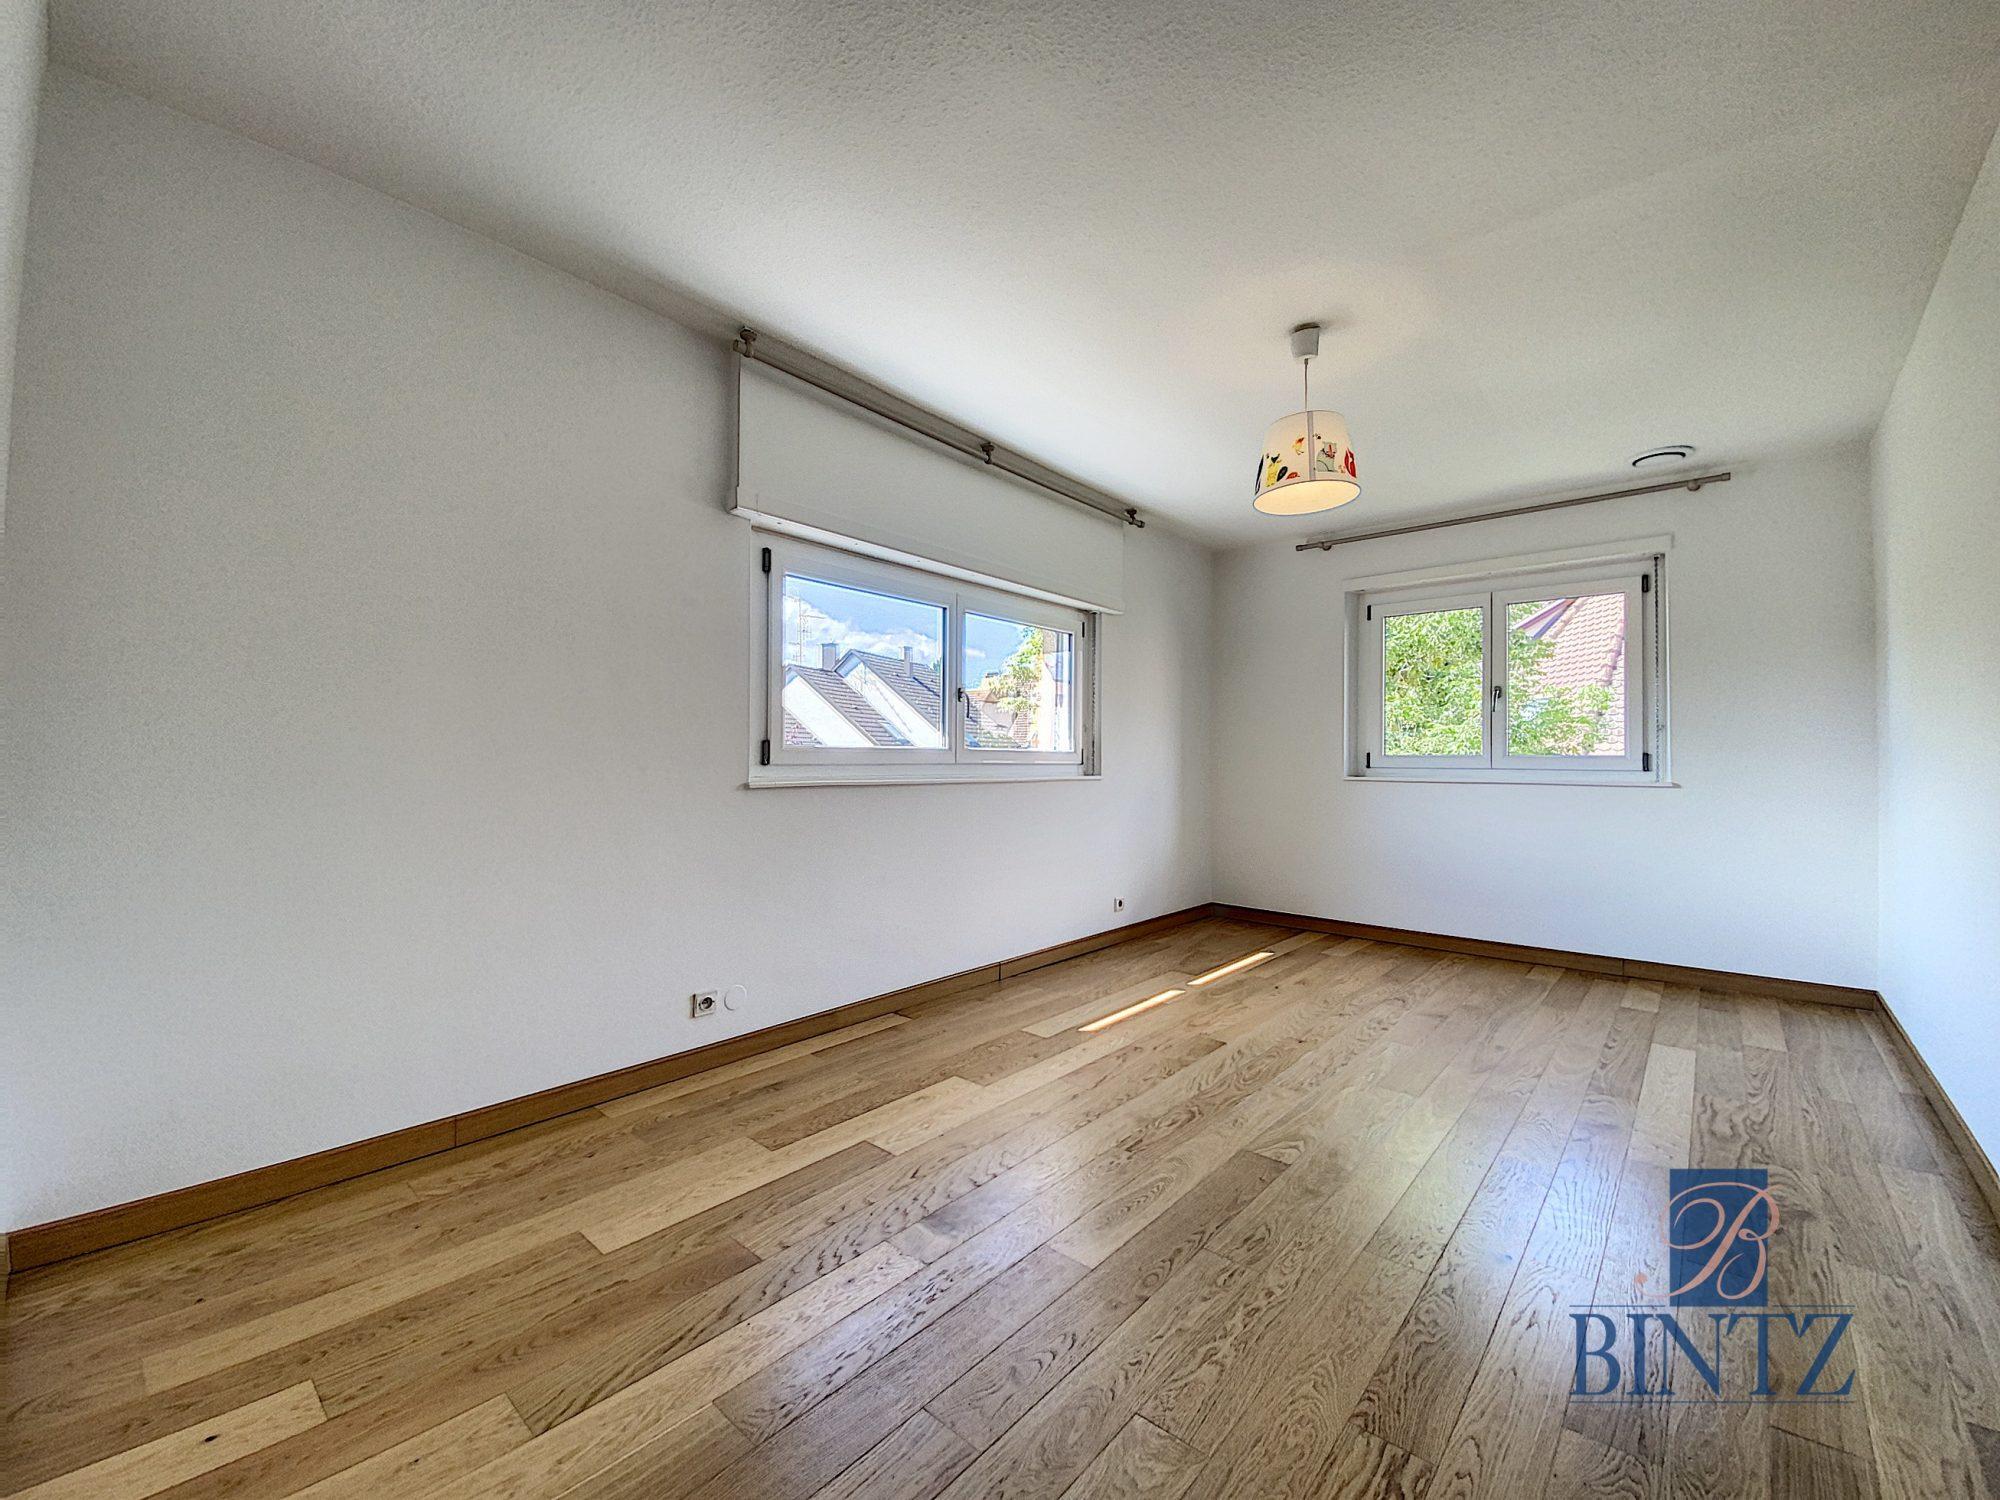 MAISON A LOUER ROBERTSAU - Devenez locataire en toute sérénité - Bintz Immobilier - 17